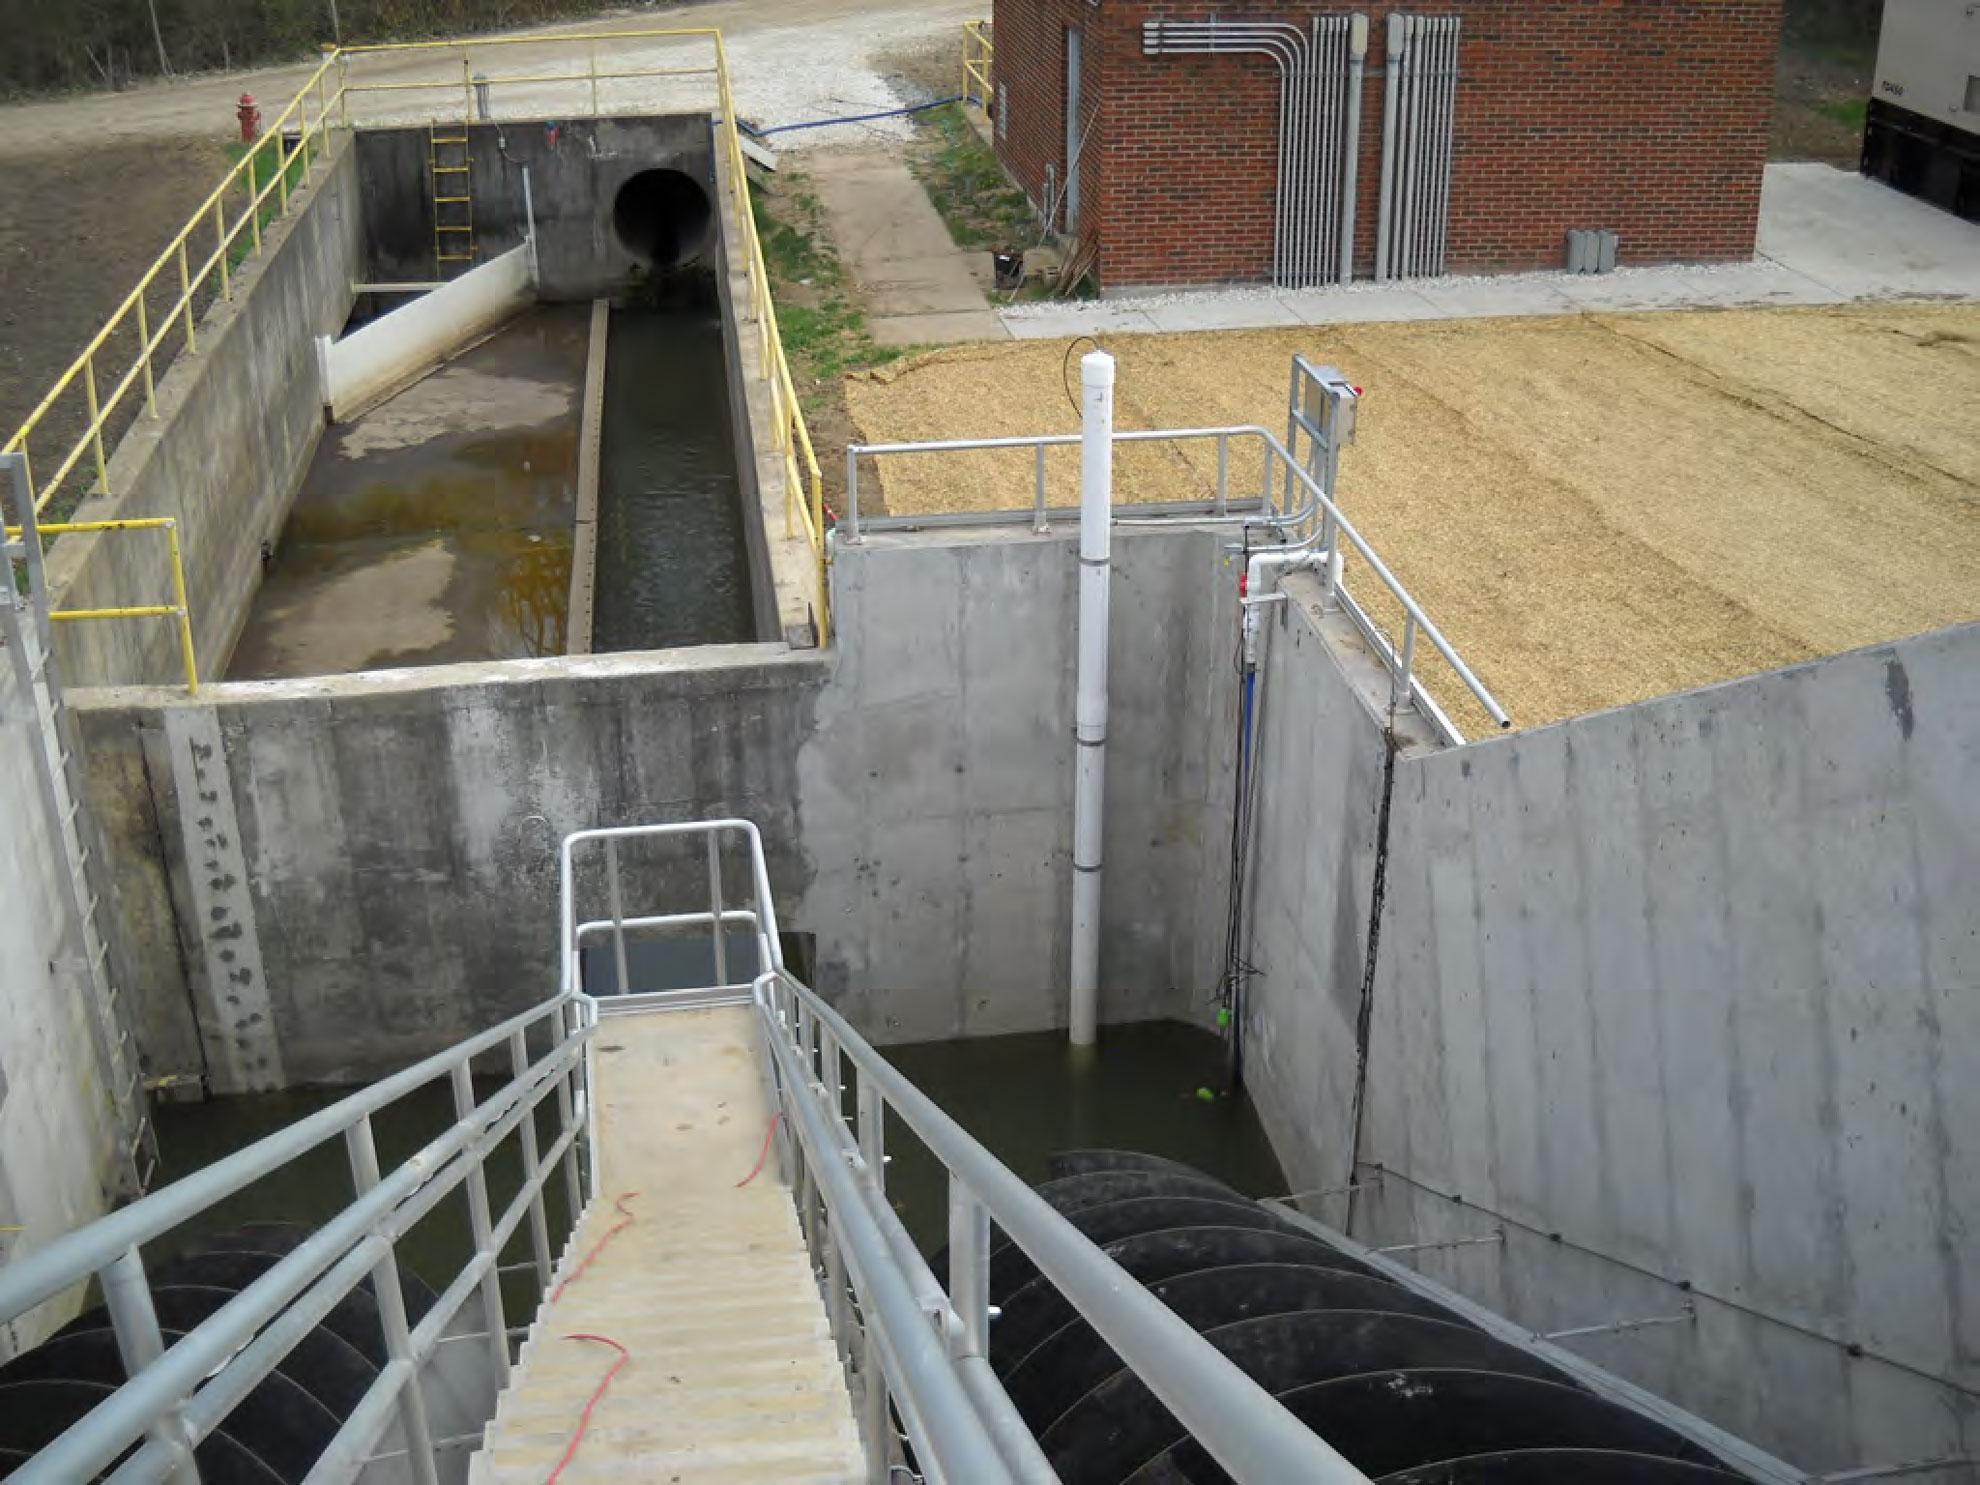 Concrete walk into water area.